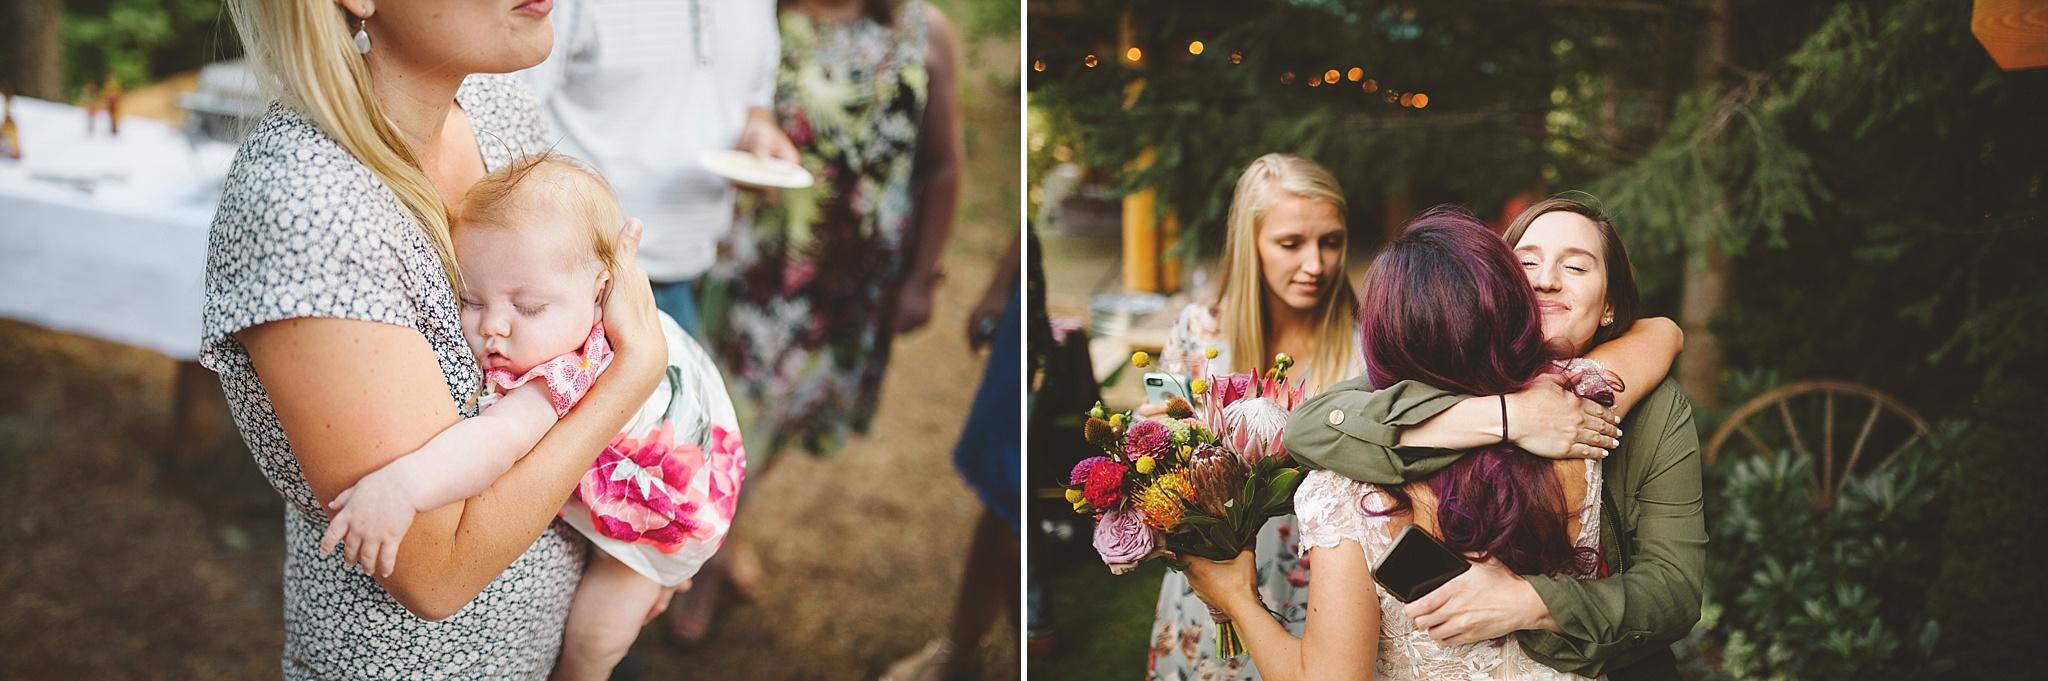 bride talks with wedding guests